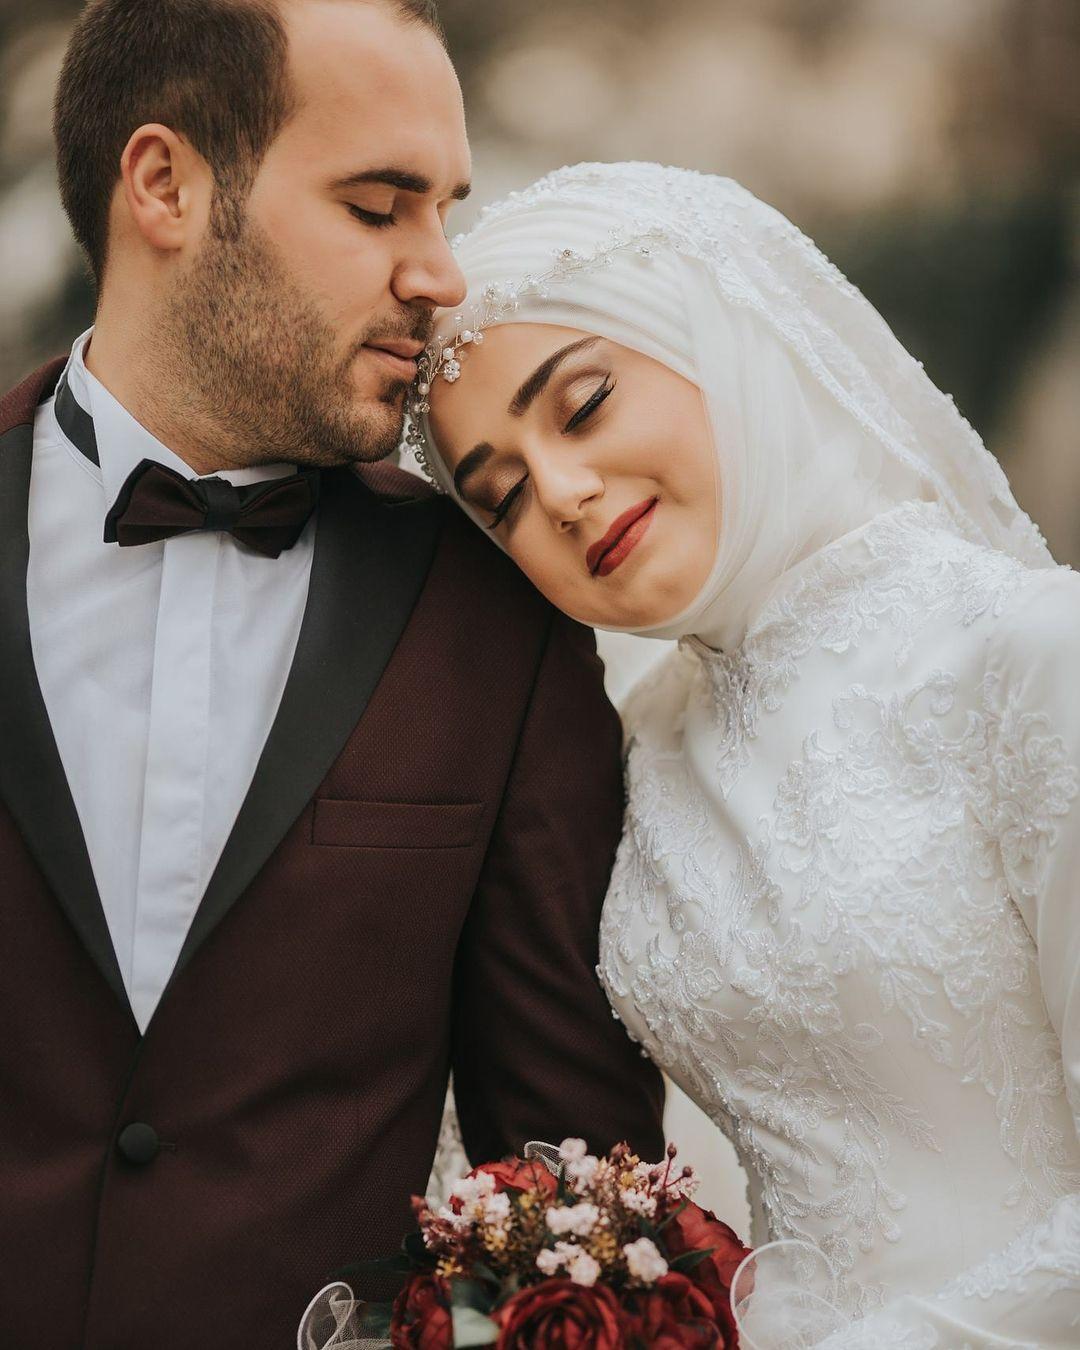 Pin By Precious Muslimah On Beautifulbetterhalves Muslim